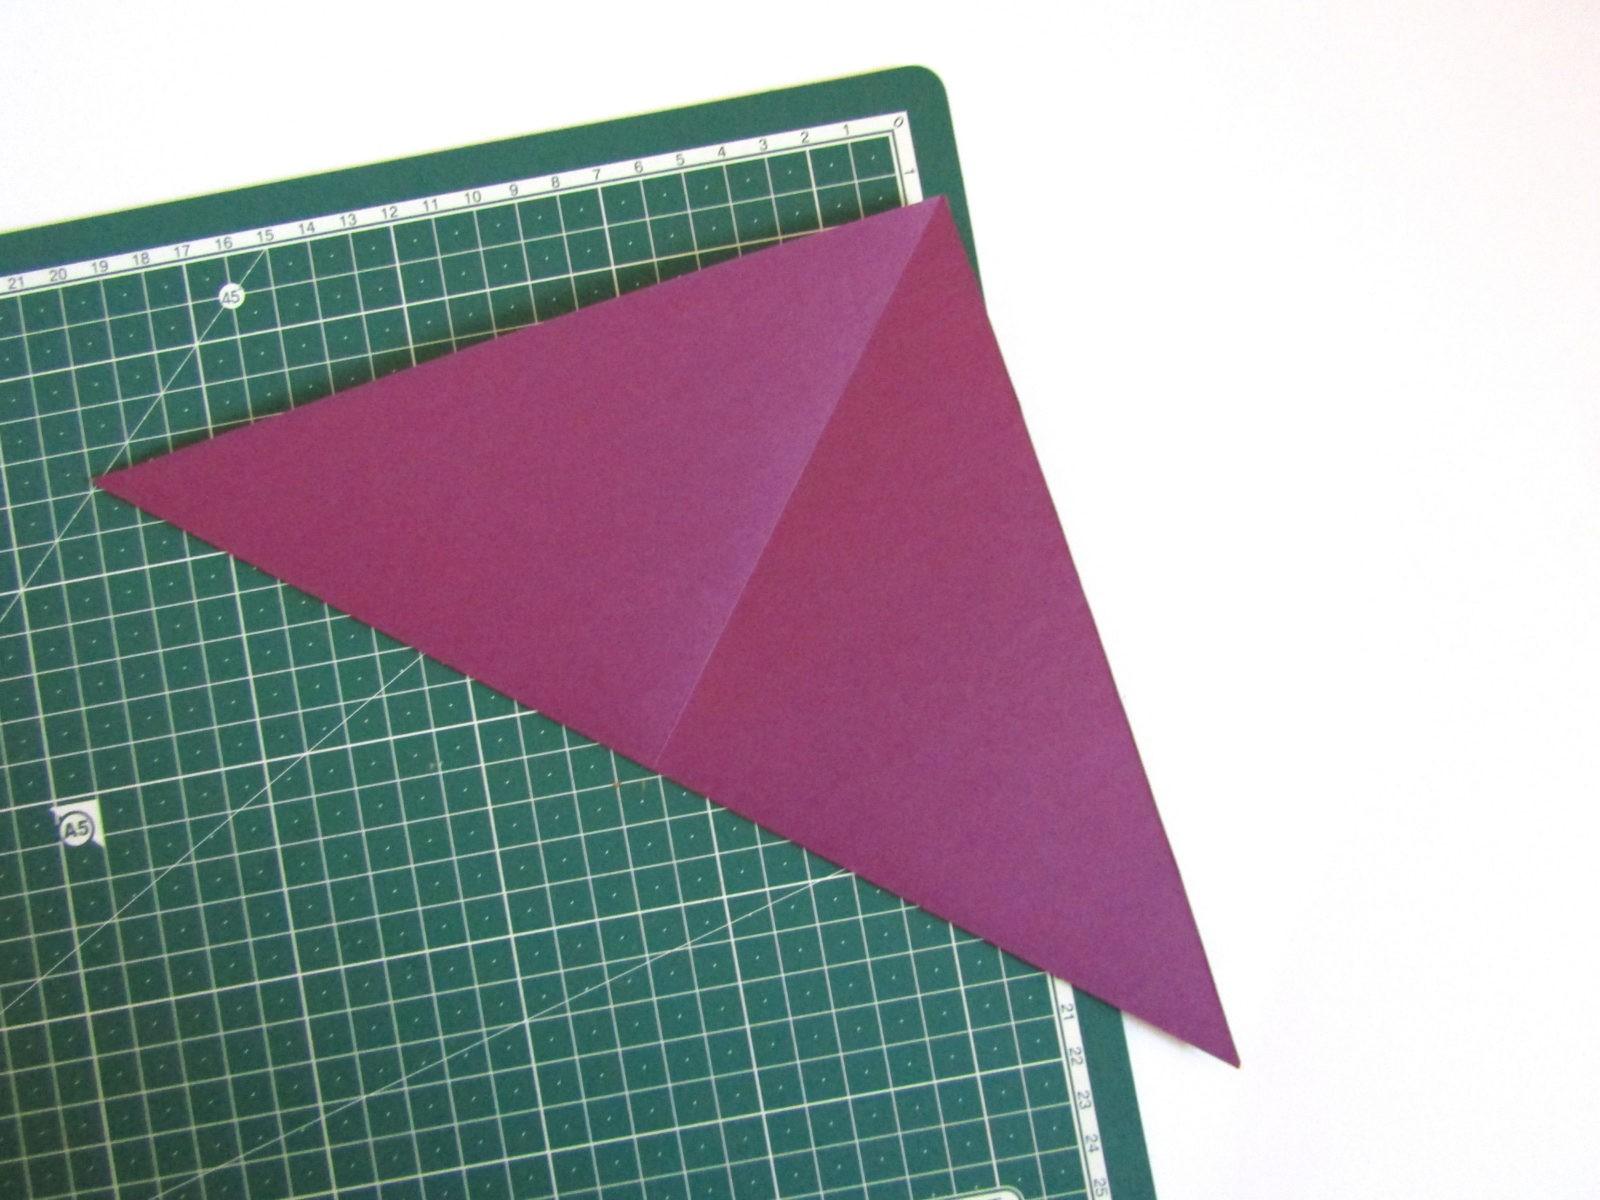 Очень легко и просто можно создать объемную поделку без использования клея. Конечно, даже ножницы могут и не понадобиться, если изначально у вас будет готовая заготовка в виде квадрата. Так получим собачку оригами благодаря ловкости рук! - 4